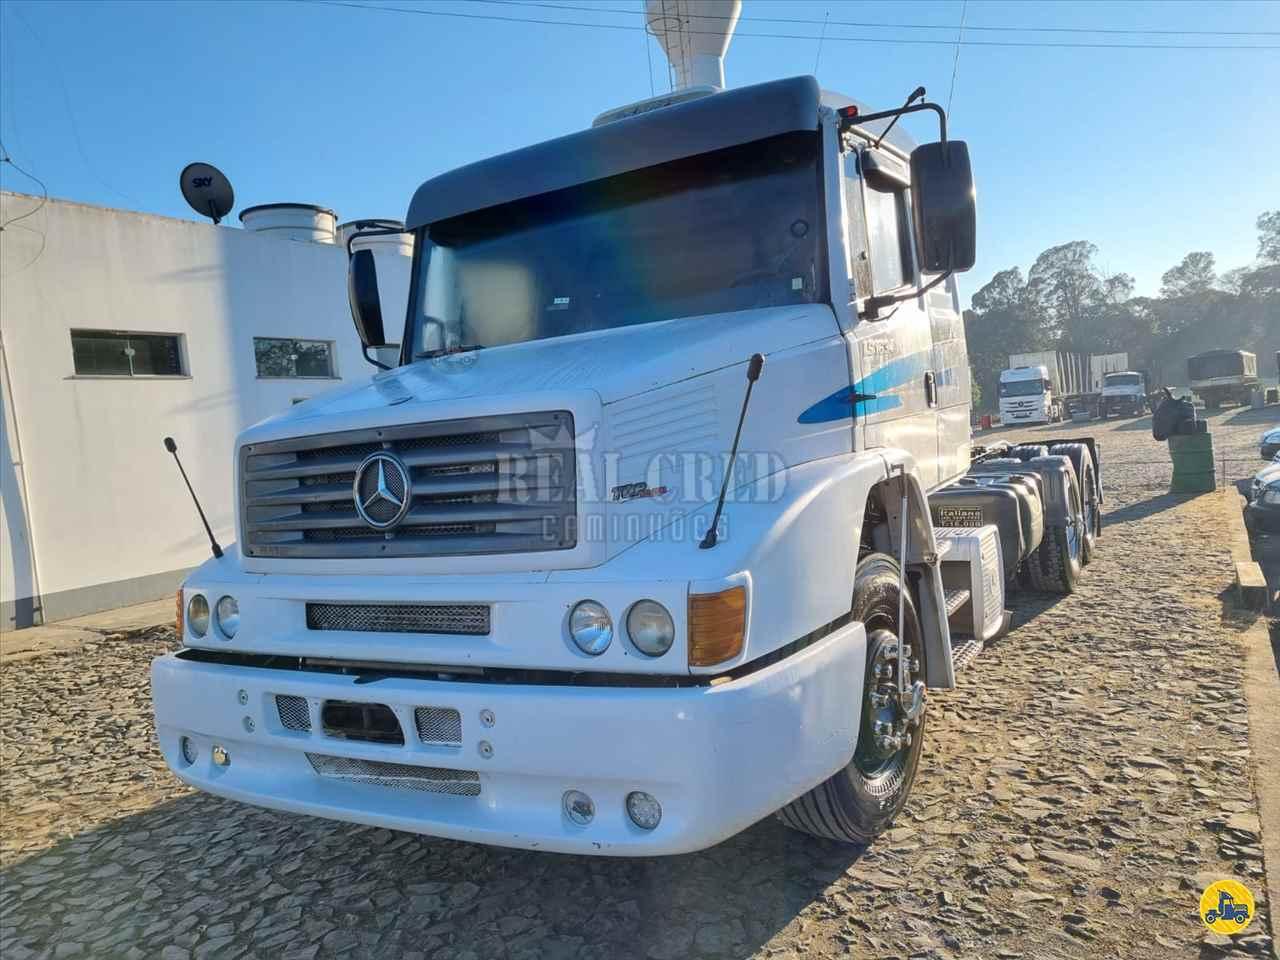 CAMINHAO MERCEDES-BENZ MB 1634 Cavalo Mecânico Truck 6x2 Real Cred Caminhões PIEDADE SÃO PAULO SP